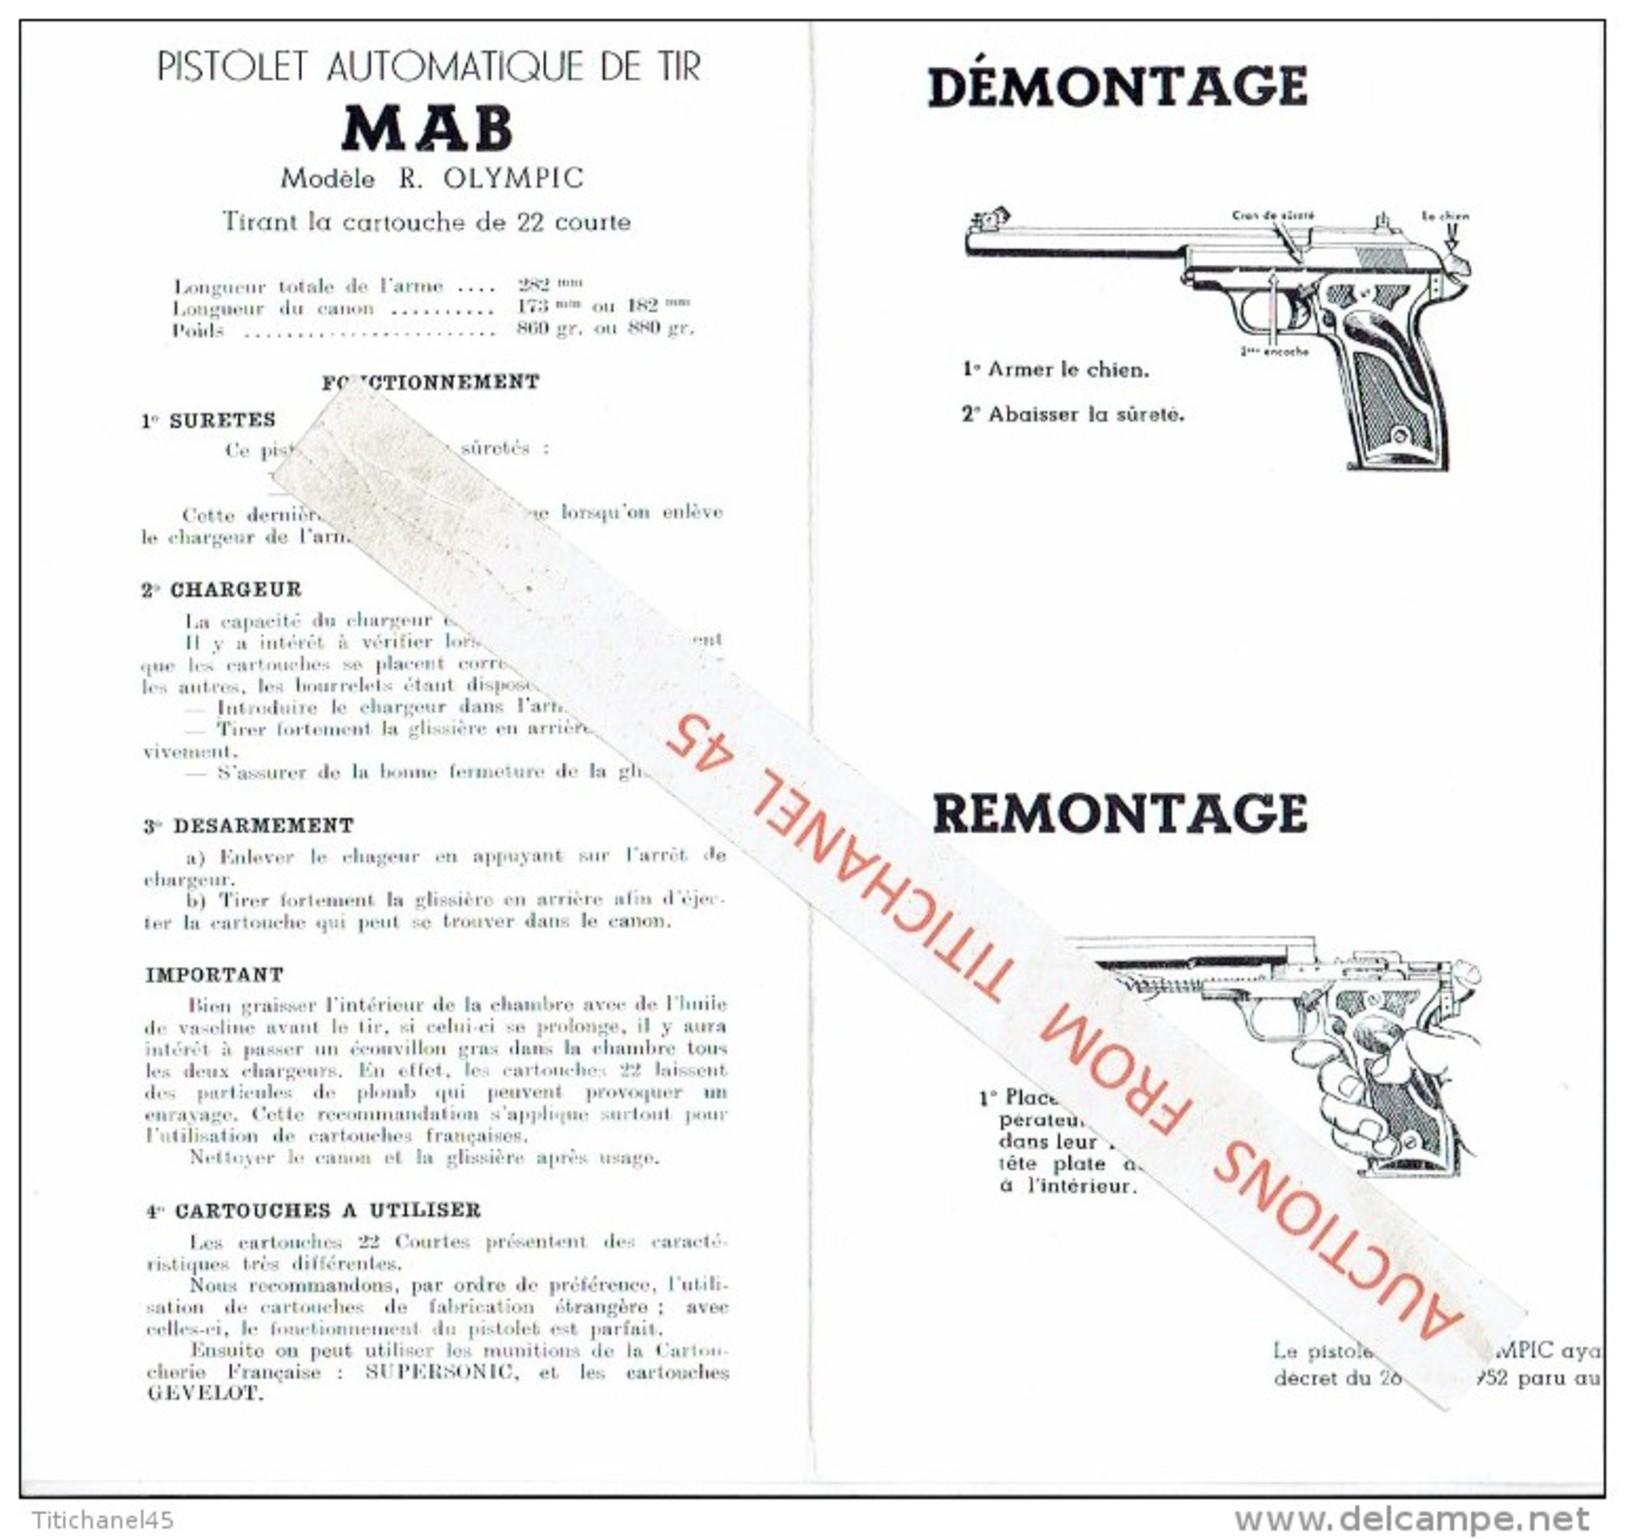 """Manuel PISTOLET Automatique """"MAB"""" Mod. R. OLYMPIC -MANUFACTURE D´ARMES AUTOMATIQUES à BAYONNE -fonctionnement, Démont. - Decotatieve Wapens"""